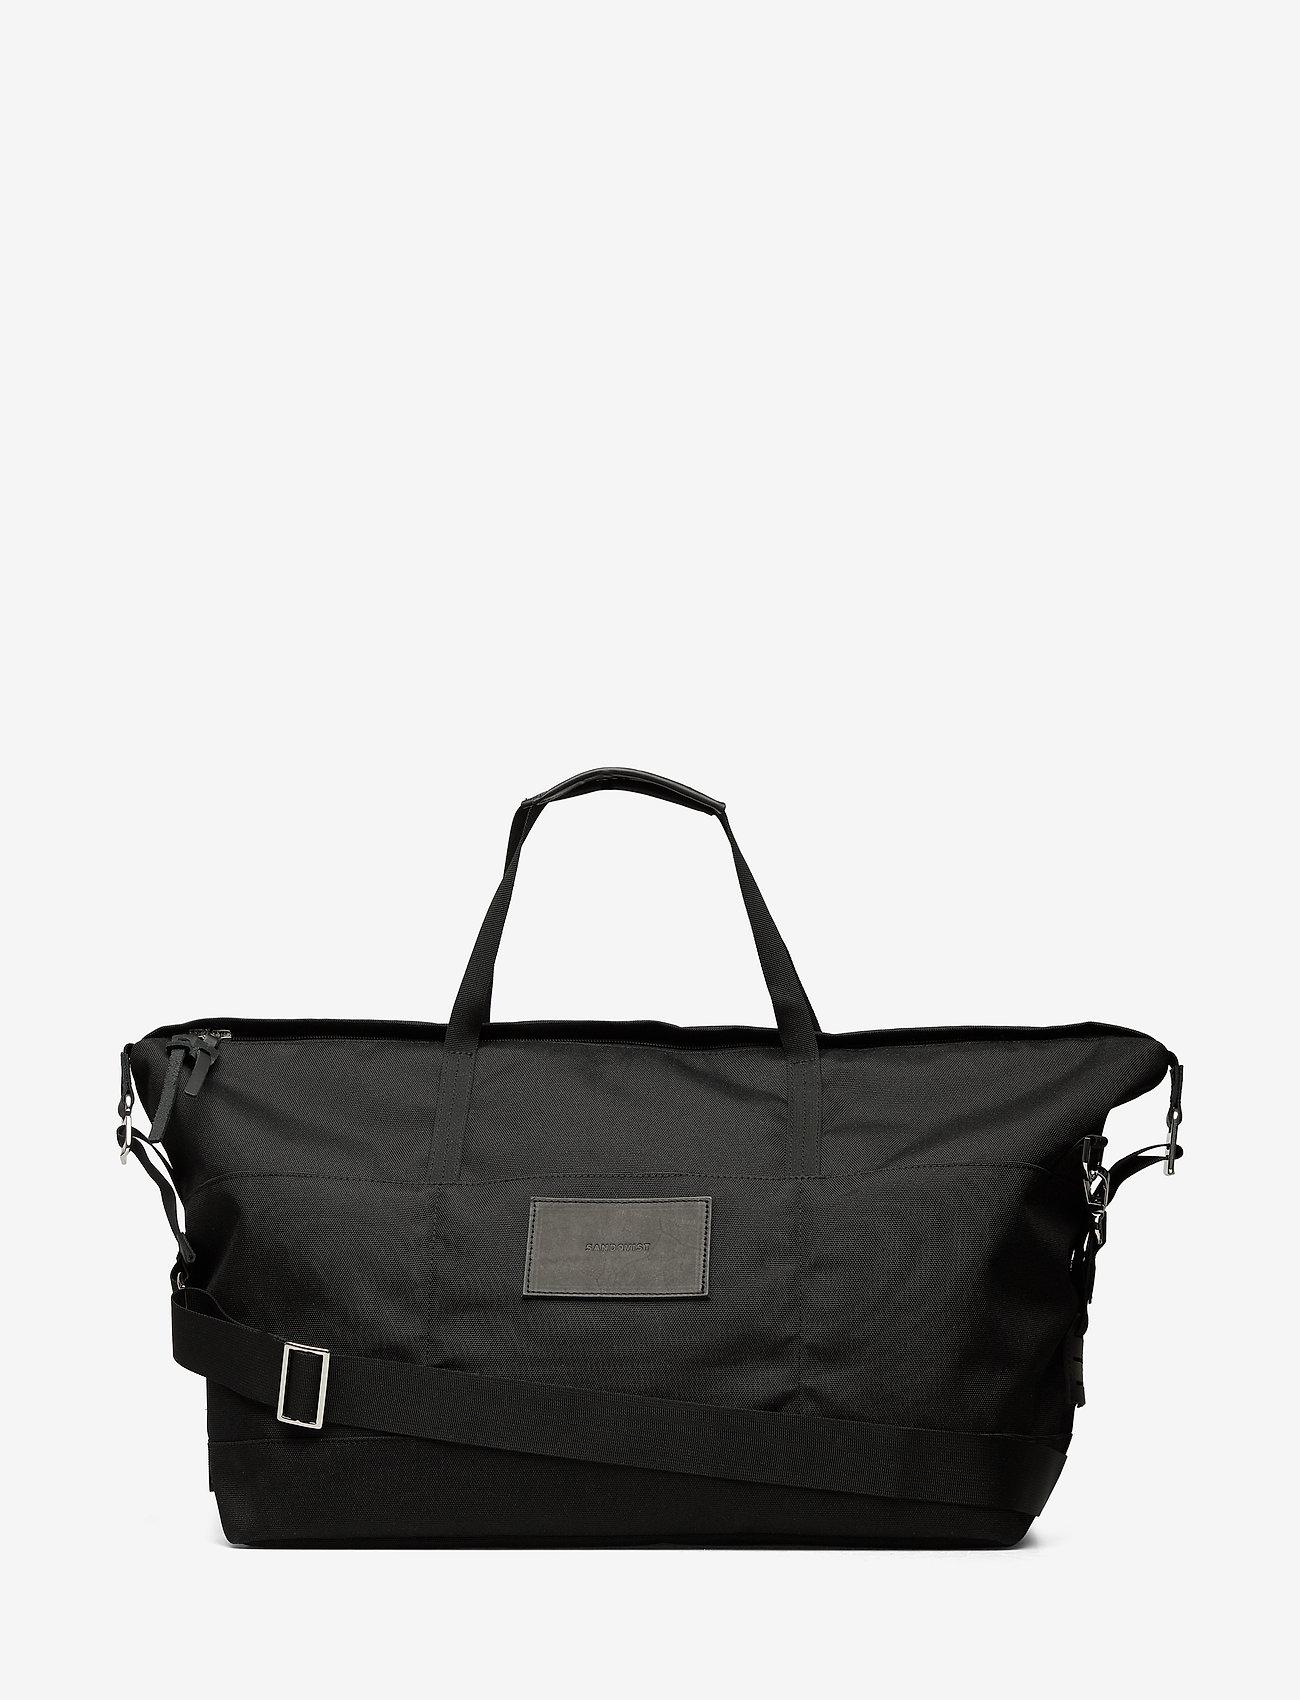 SANDQVIST - MILTON - treenikassit - black with black leather - 1